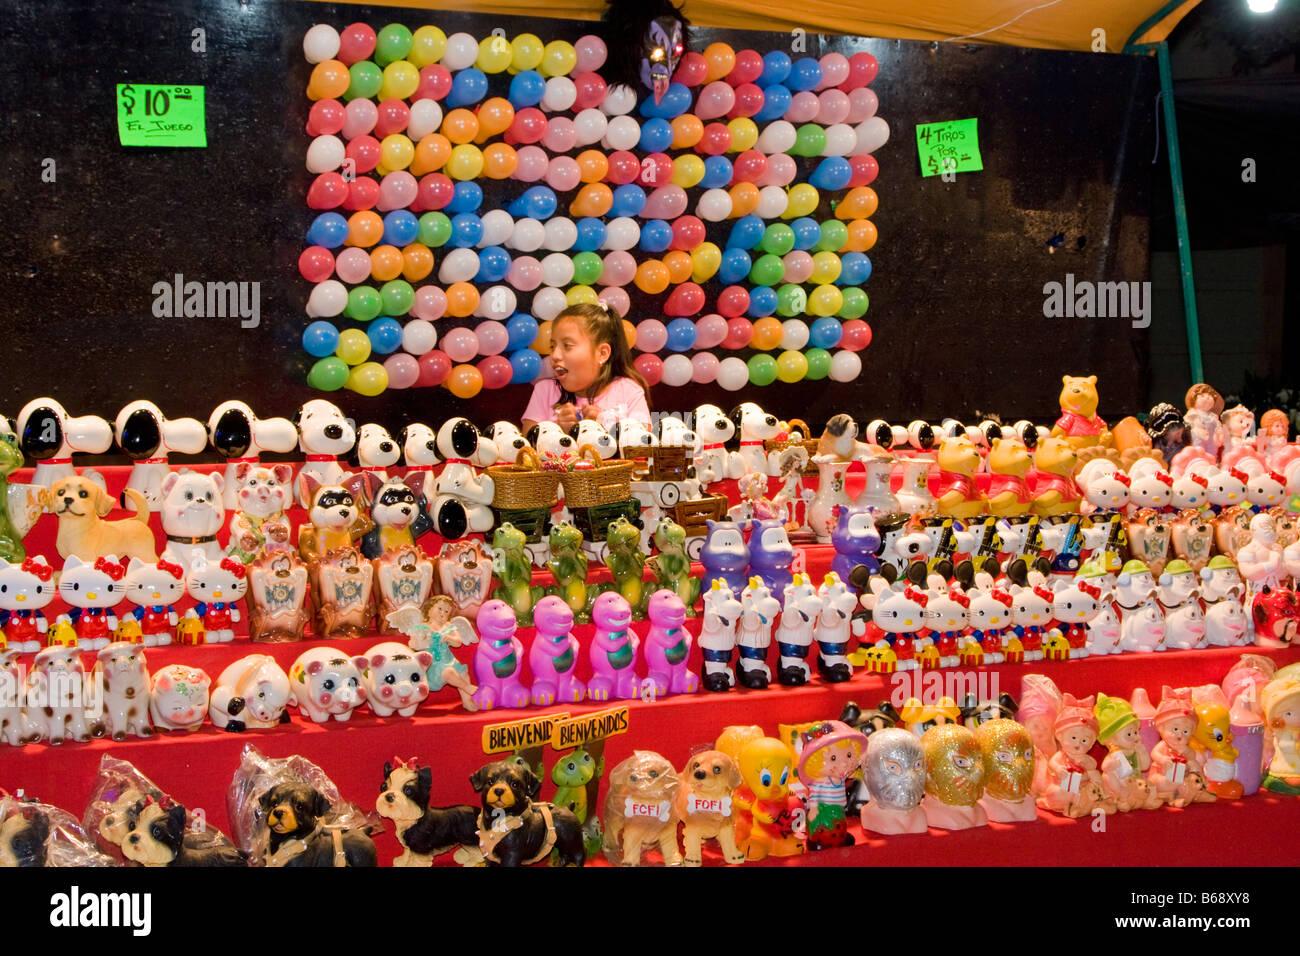 Balloon Dart Throw Carnival Game Stock Photos Balloon Dart Throw